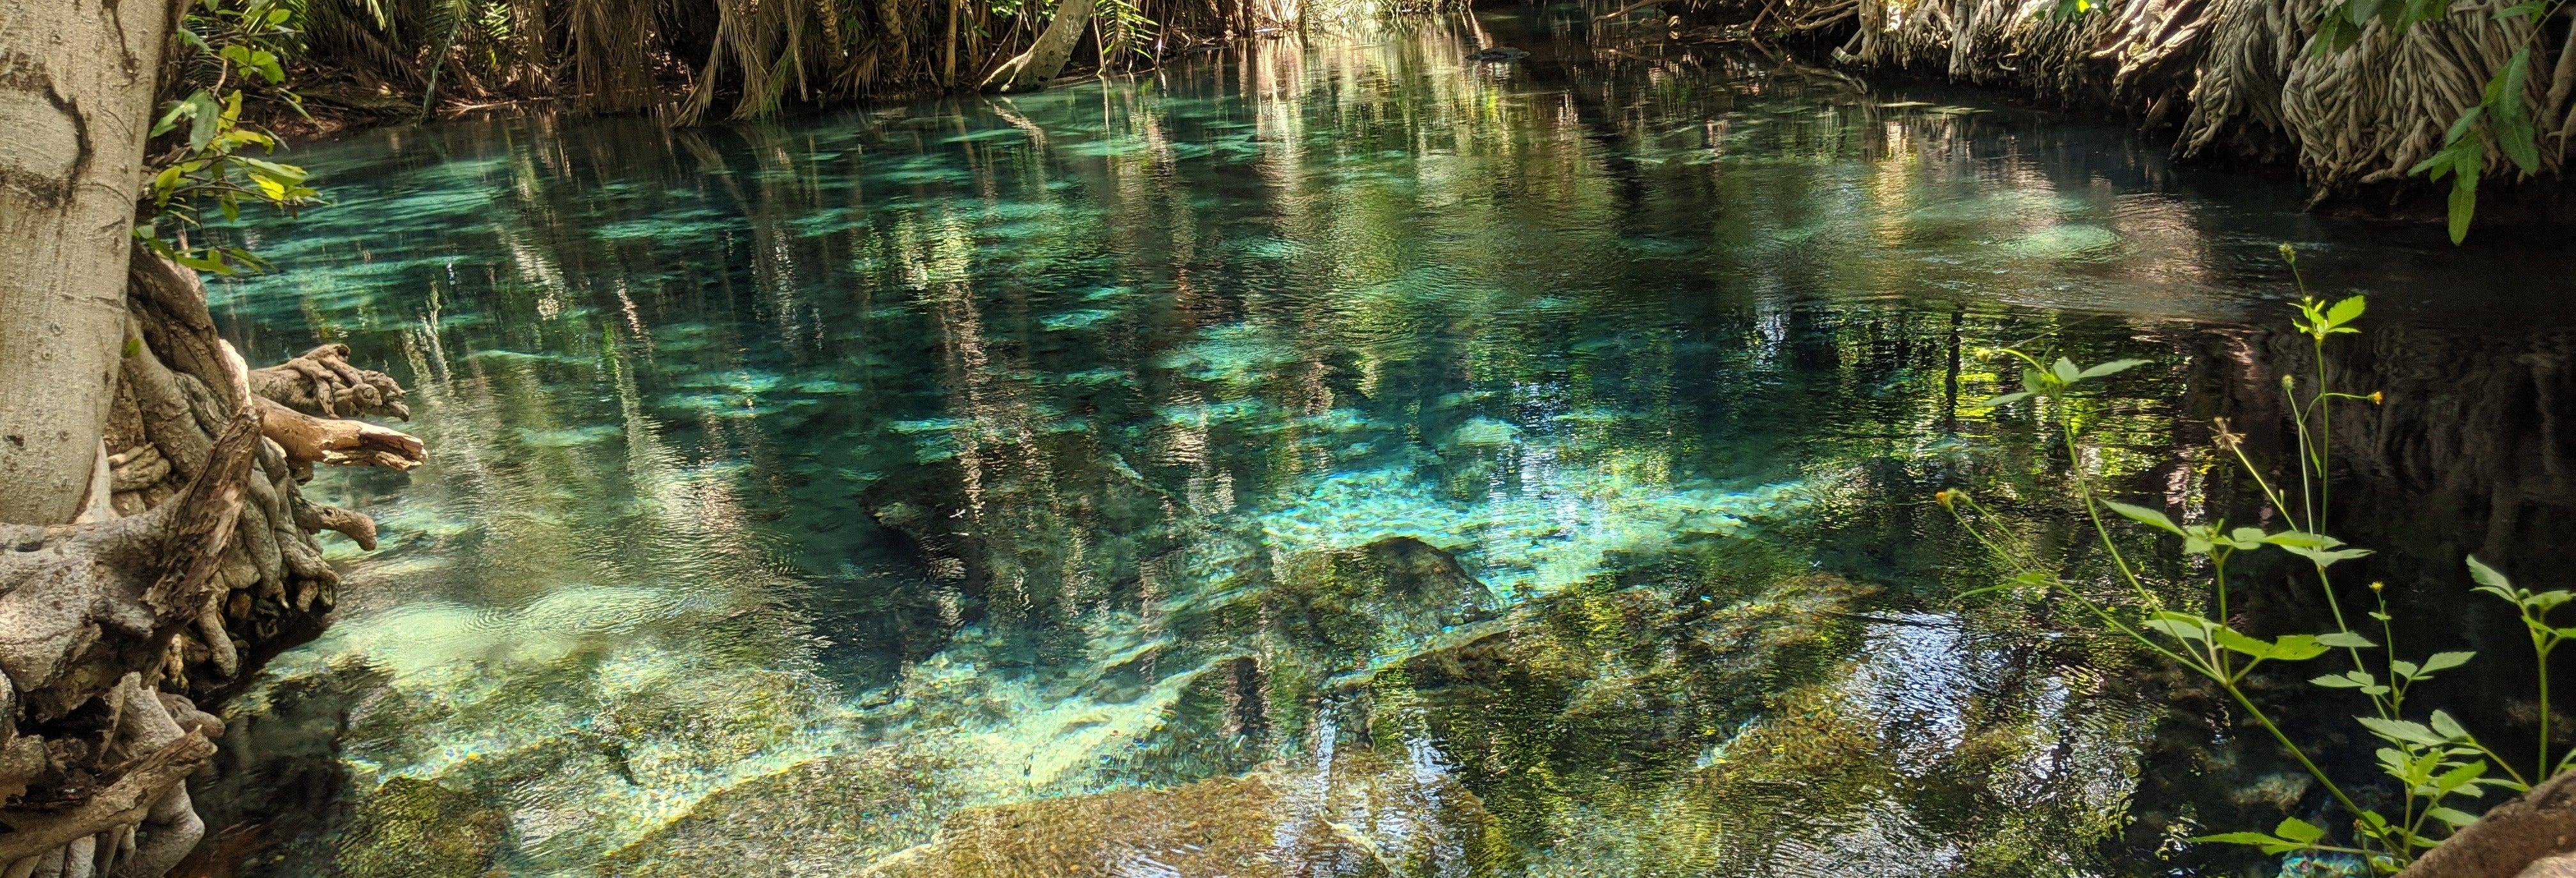 Excursión a las aguas termales de Kikuletwa